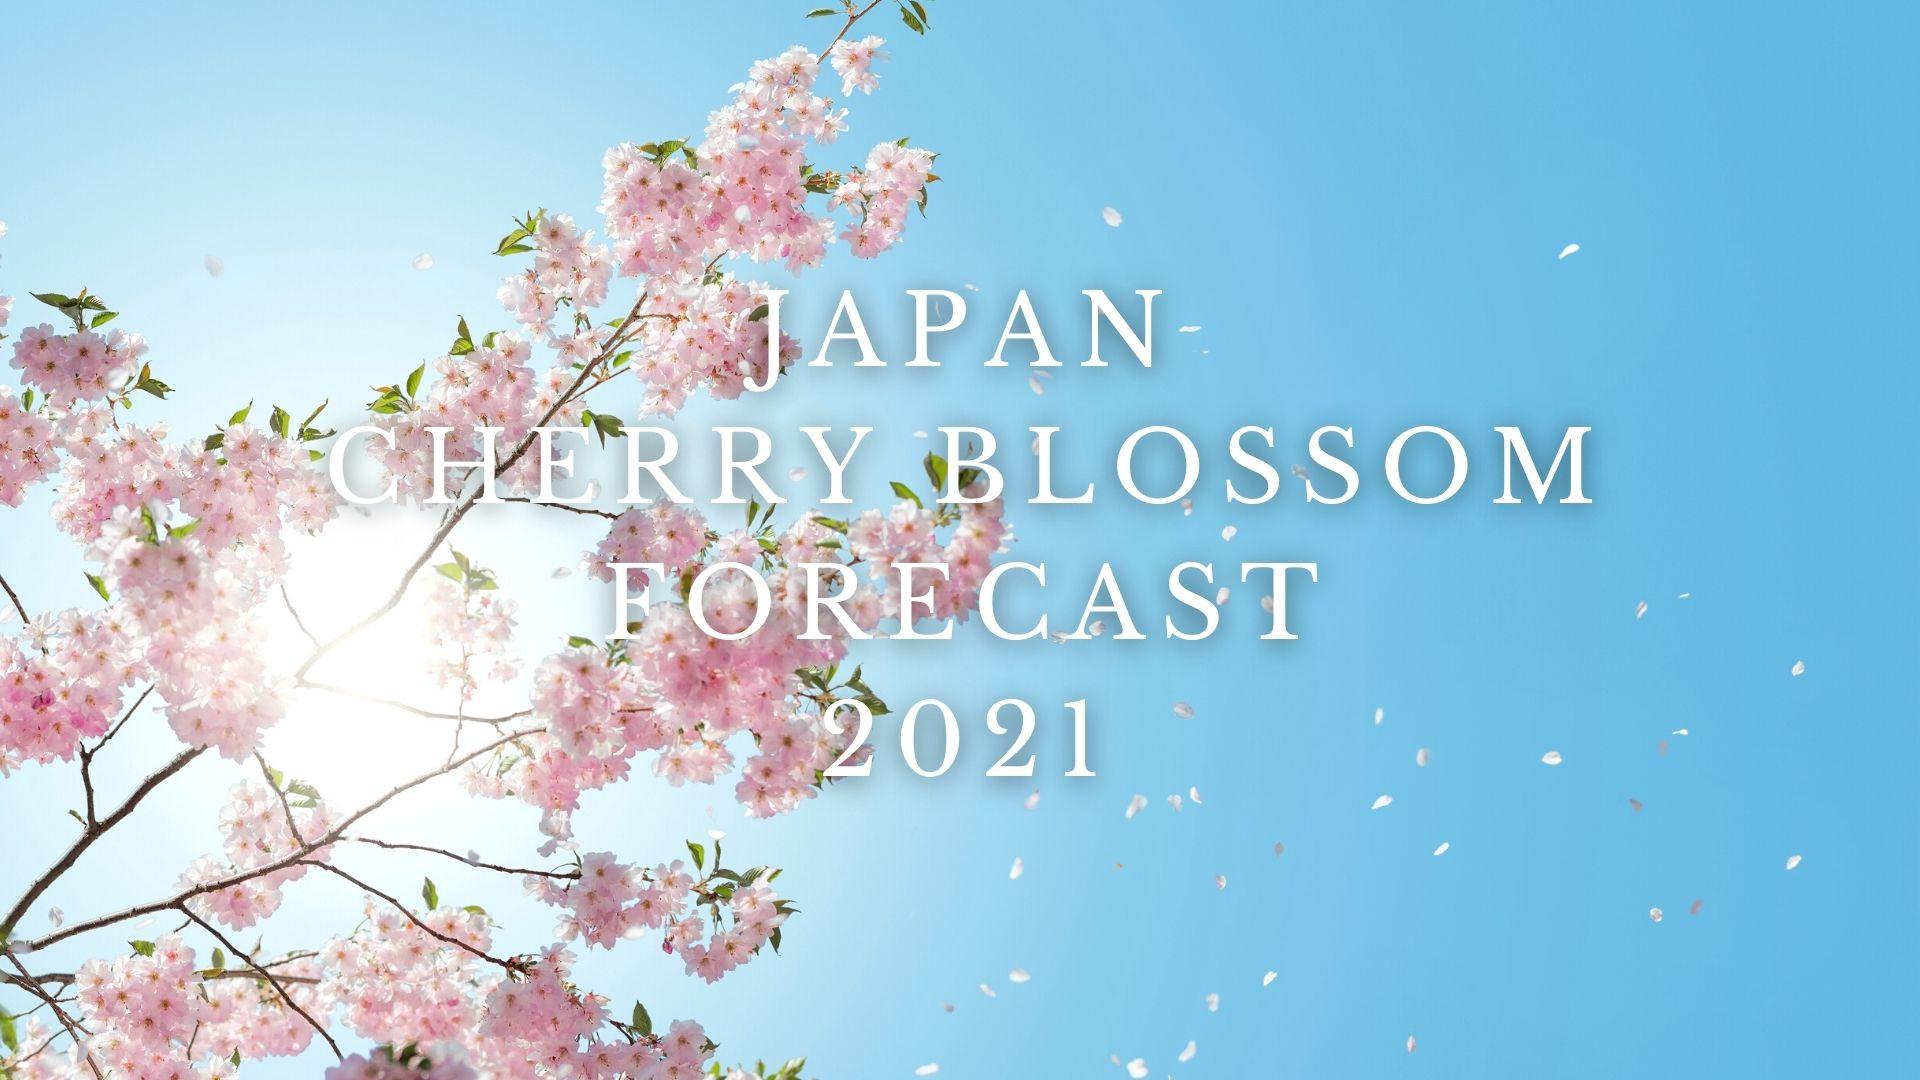 Japan Cherry Blossom Forecast 2021